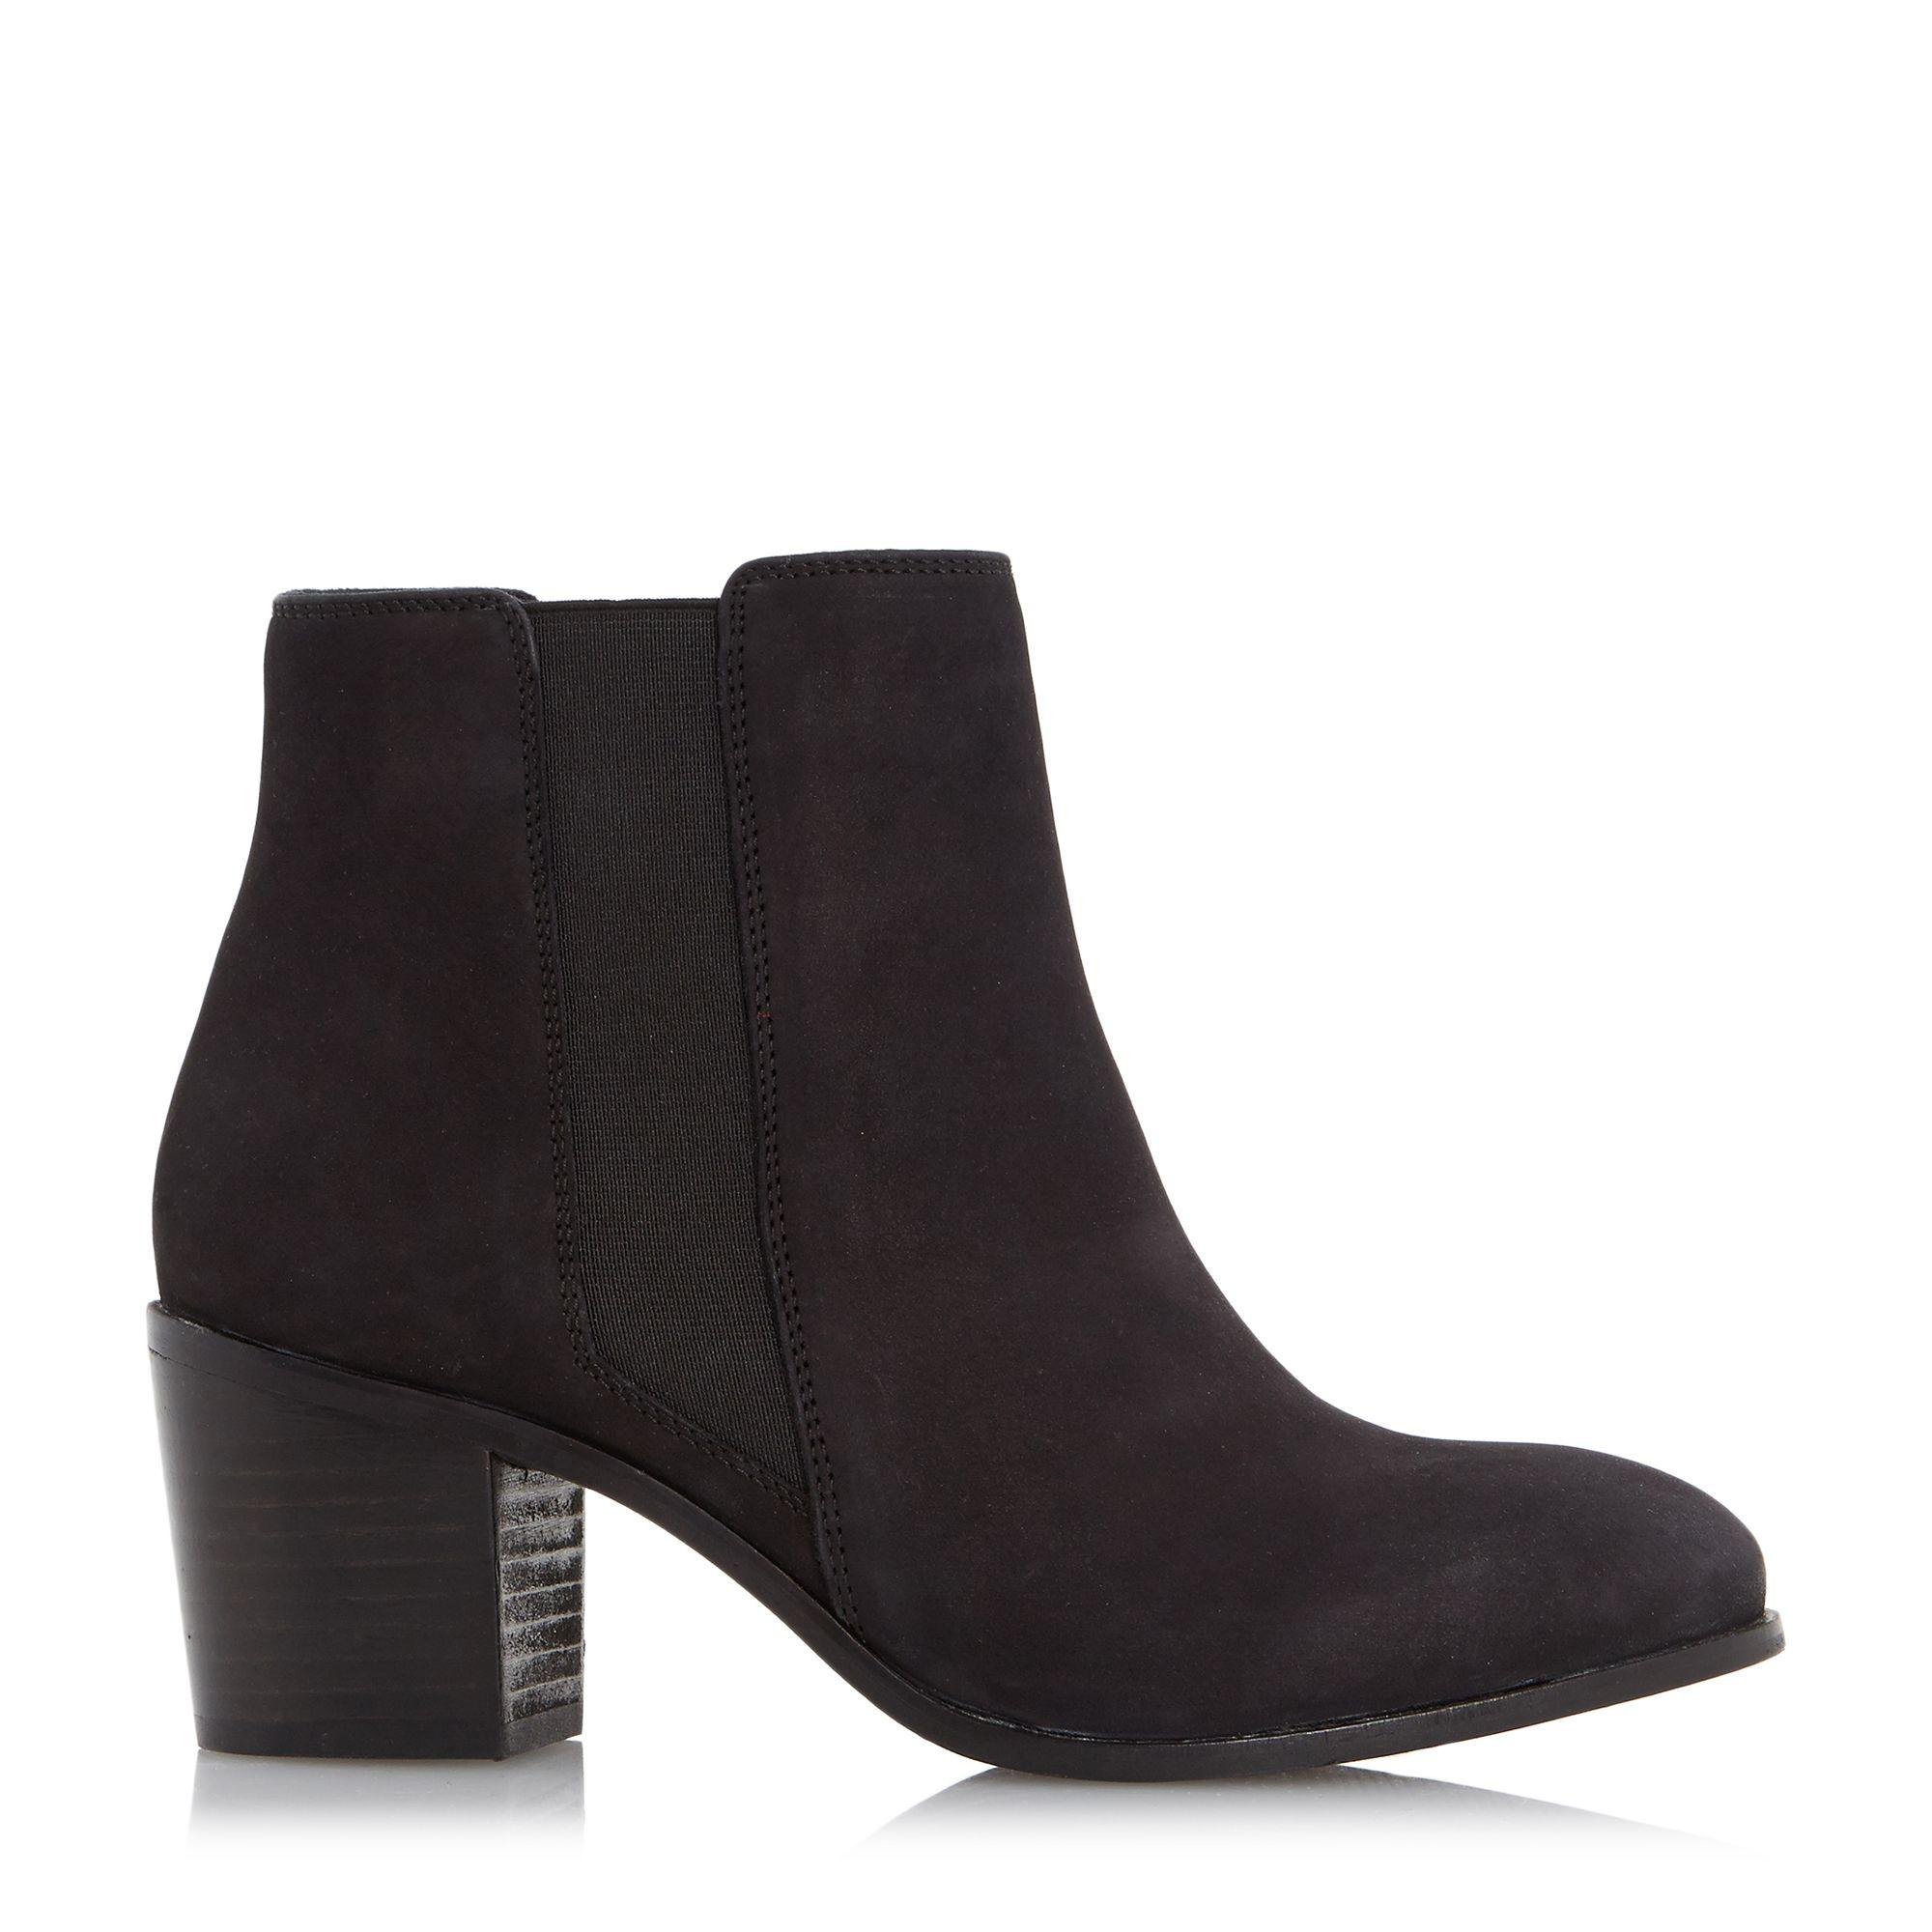 dune peonie mid heel chelsea boots in black lyst